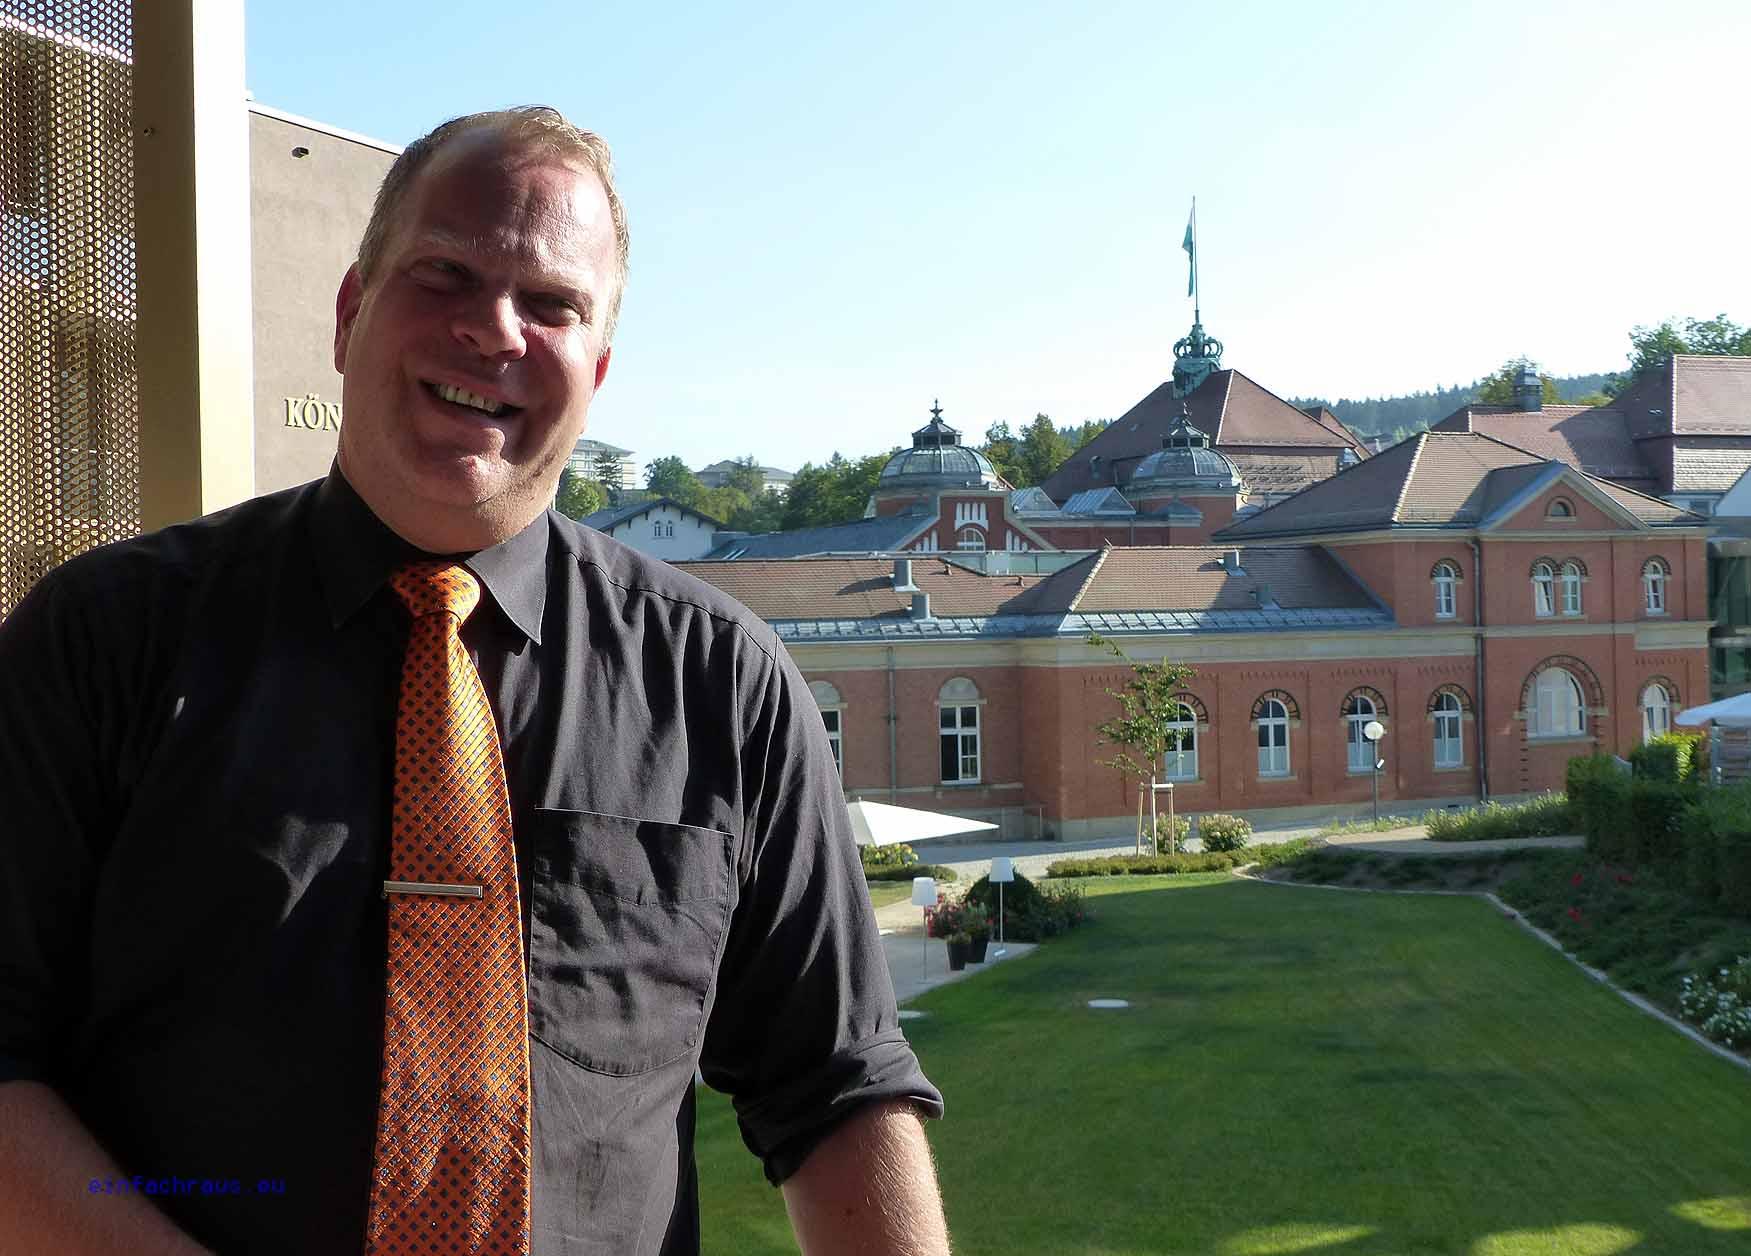 Kam schon viel in der Welt herum: Hoteldirektor Marc Cantauw